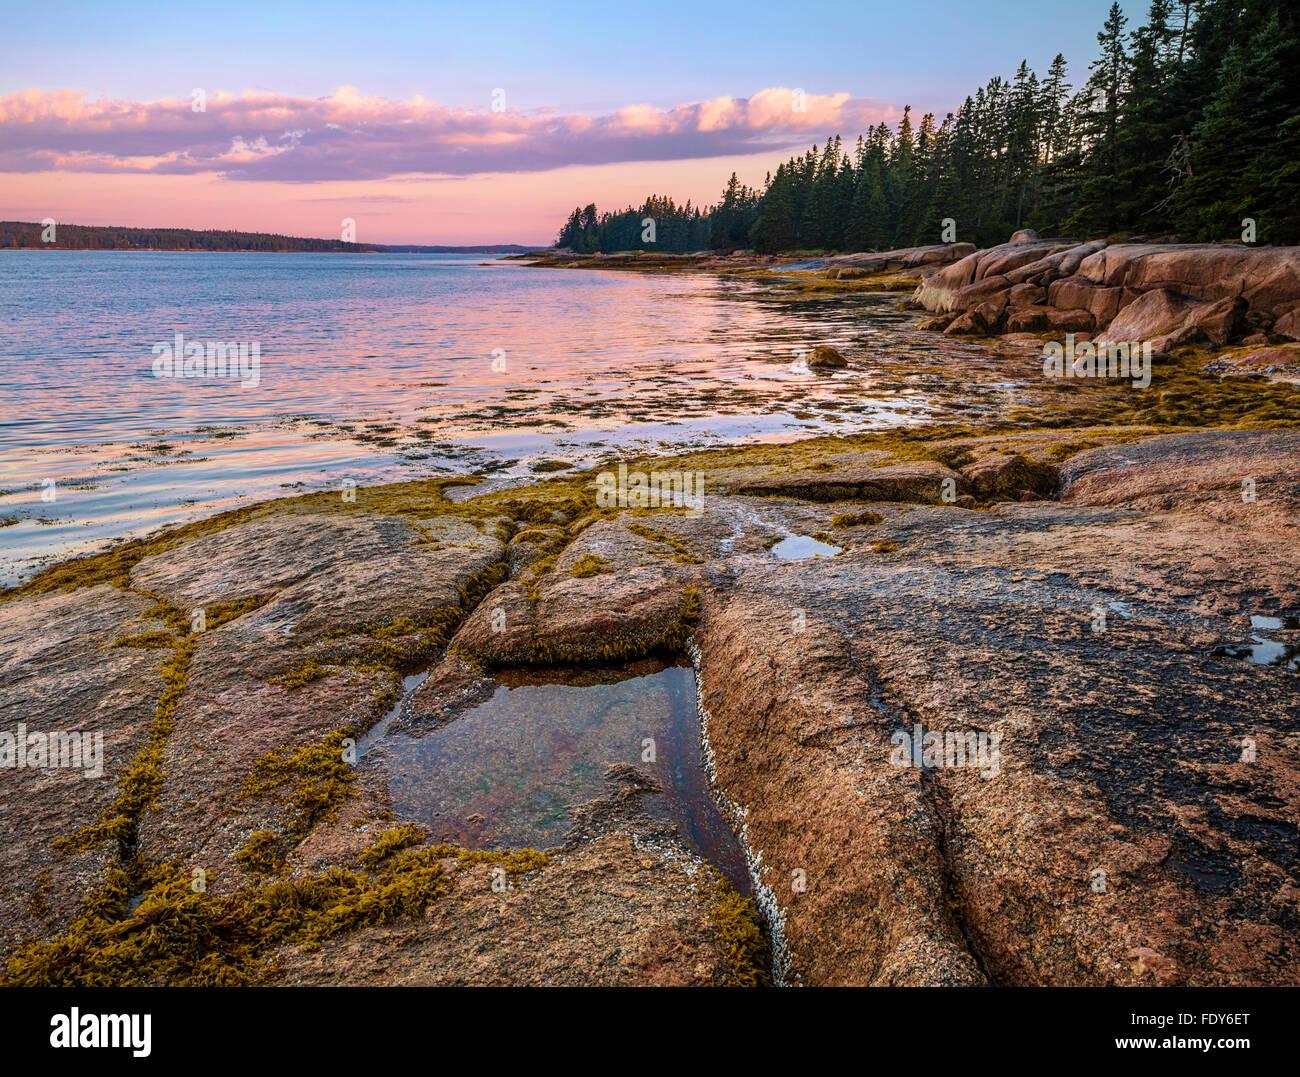 Deer Isle, Maine: Sunrise on Jericho Bay - Stock Image